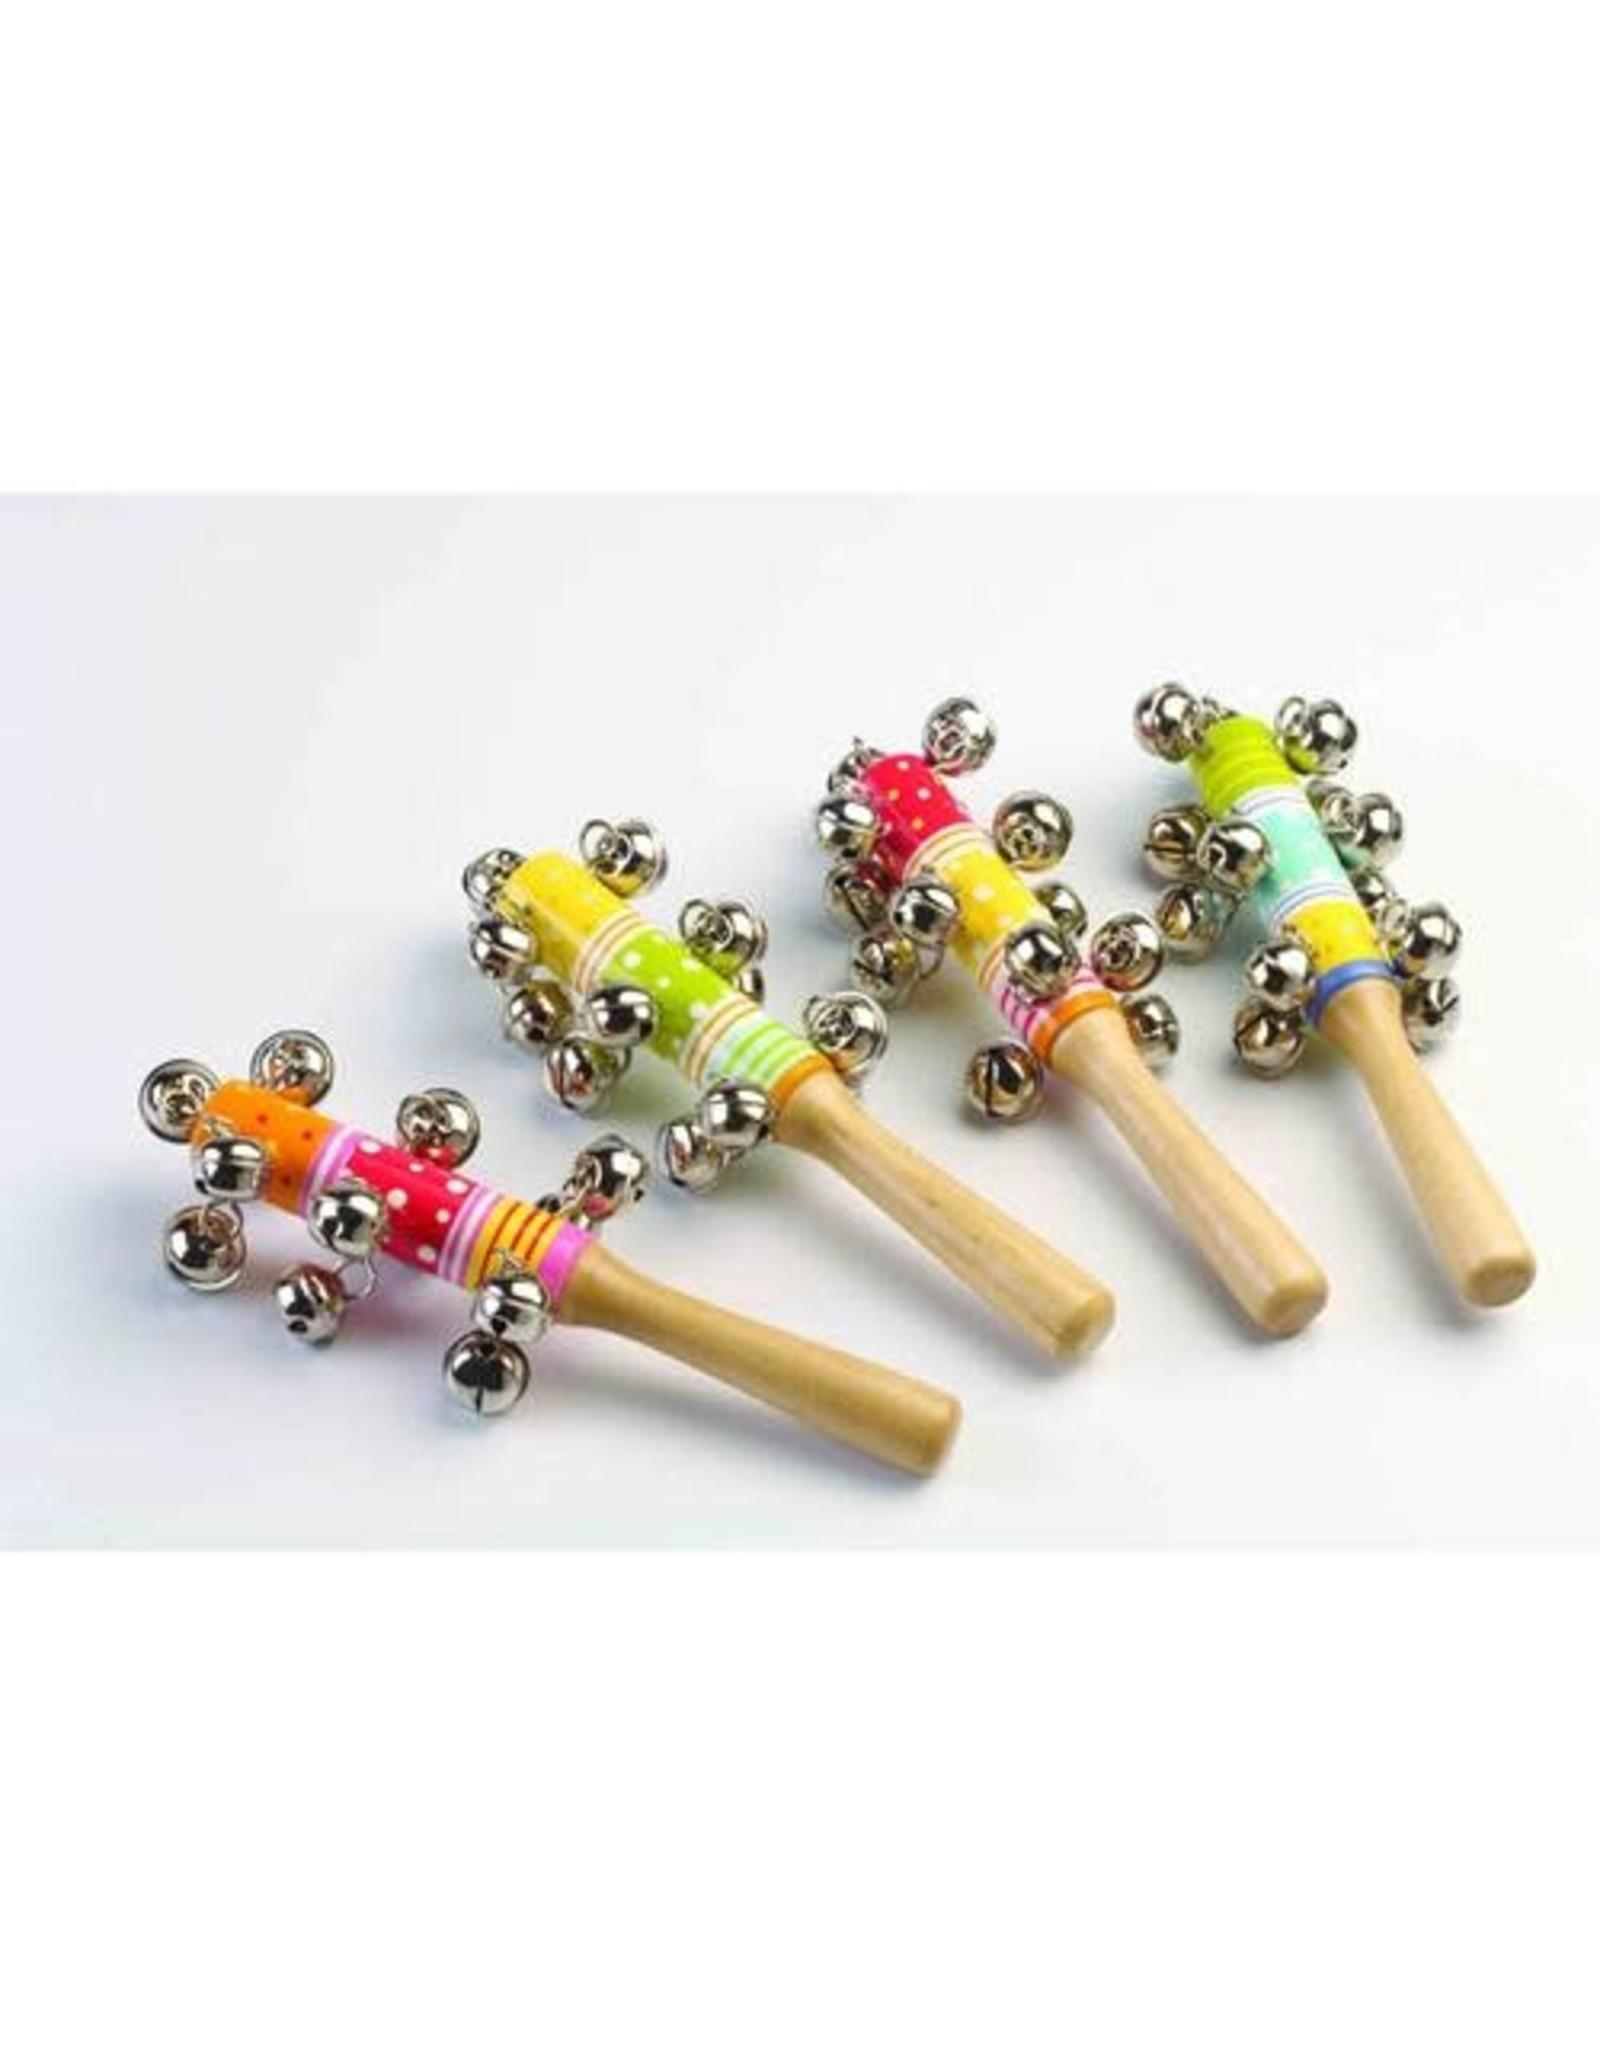 Playwell Jingle Stick